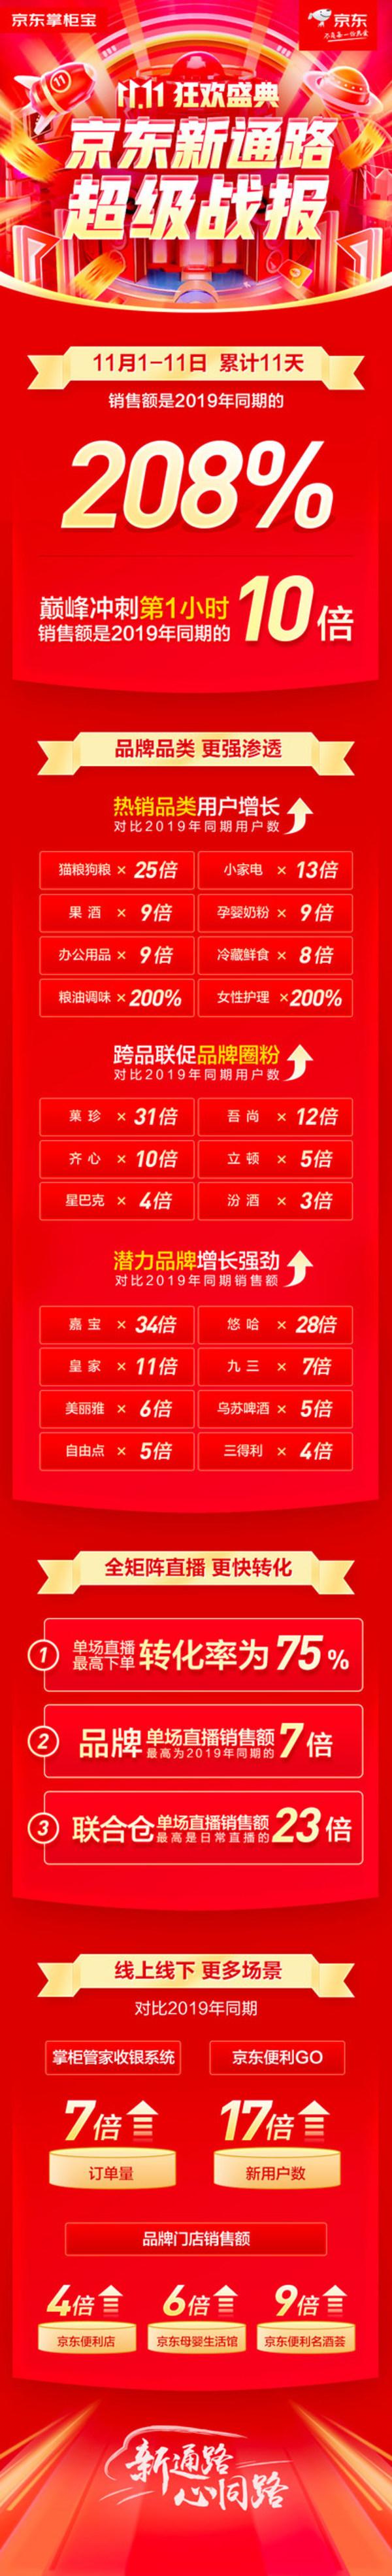 京東新通路超級戰報